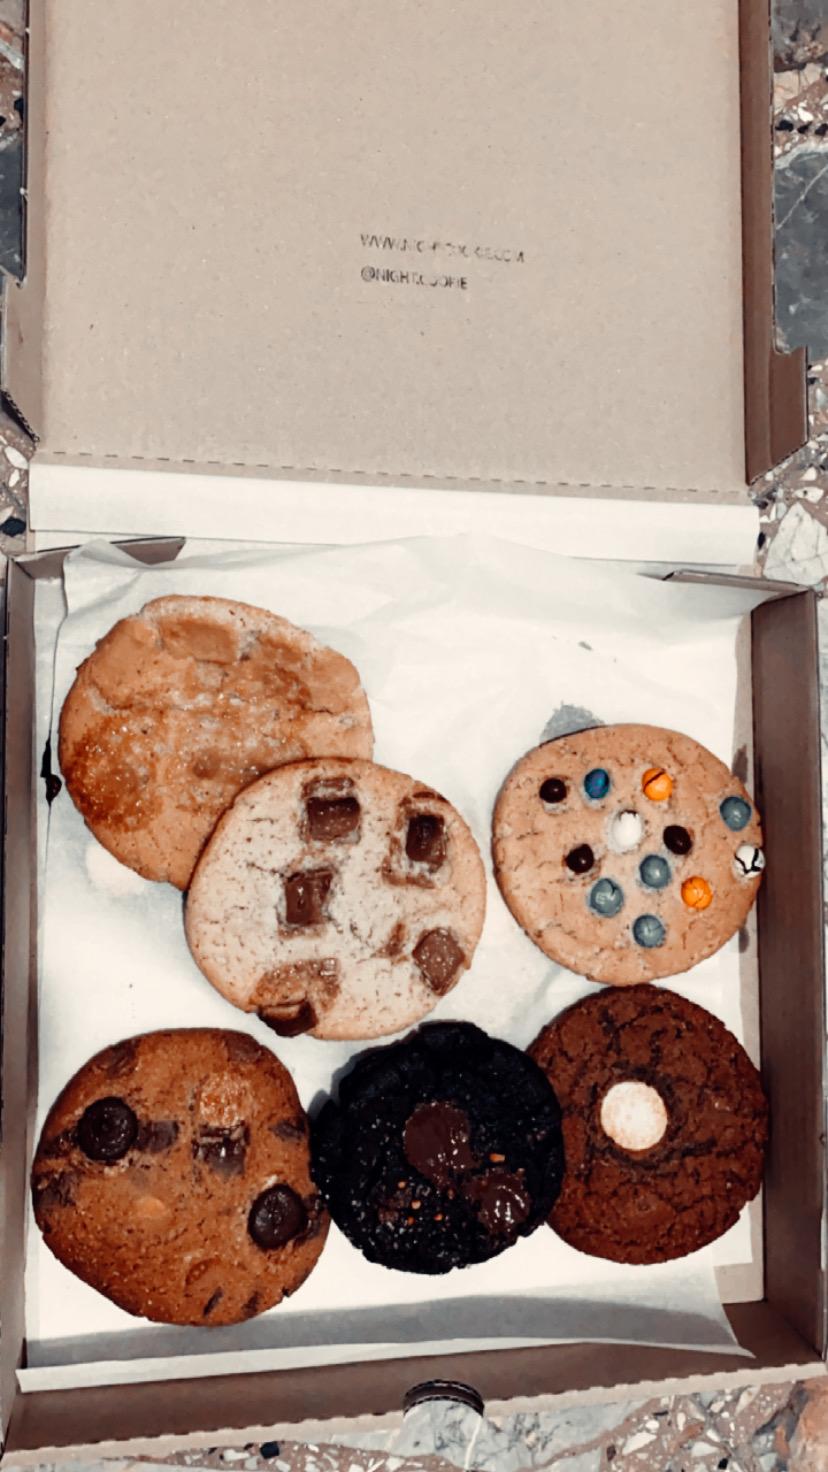 עוגיות השחיתות של נייט קוקי. צילום: רוני שקדי